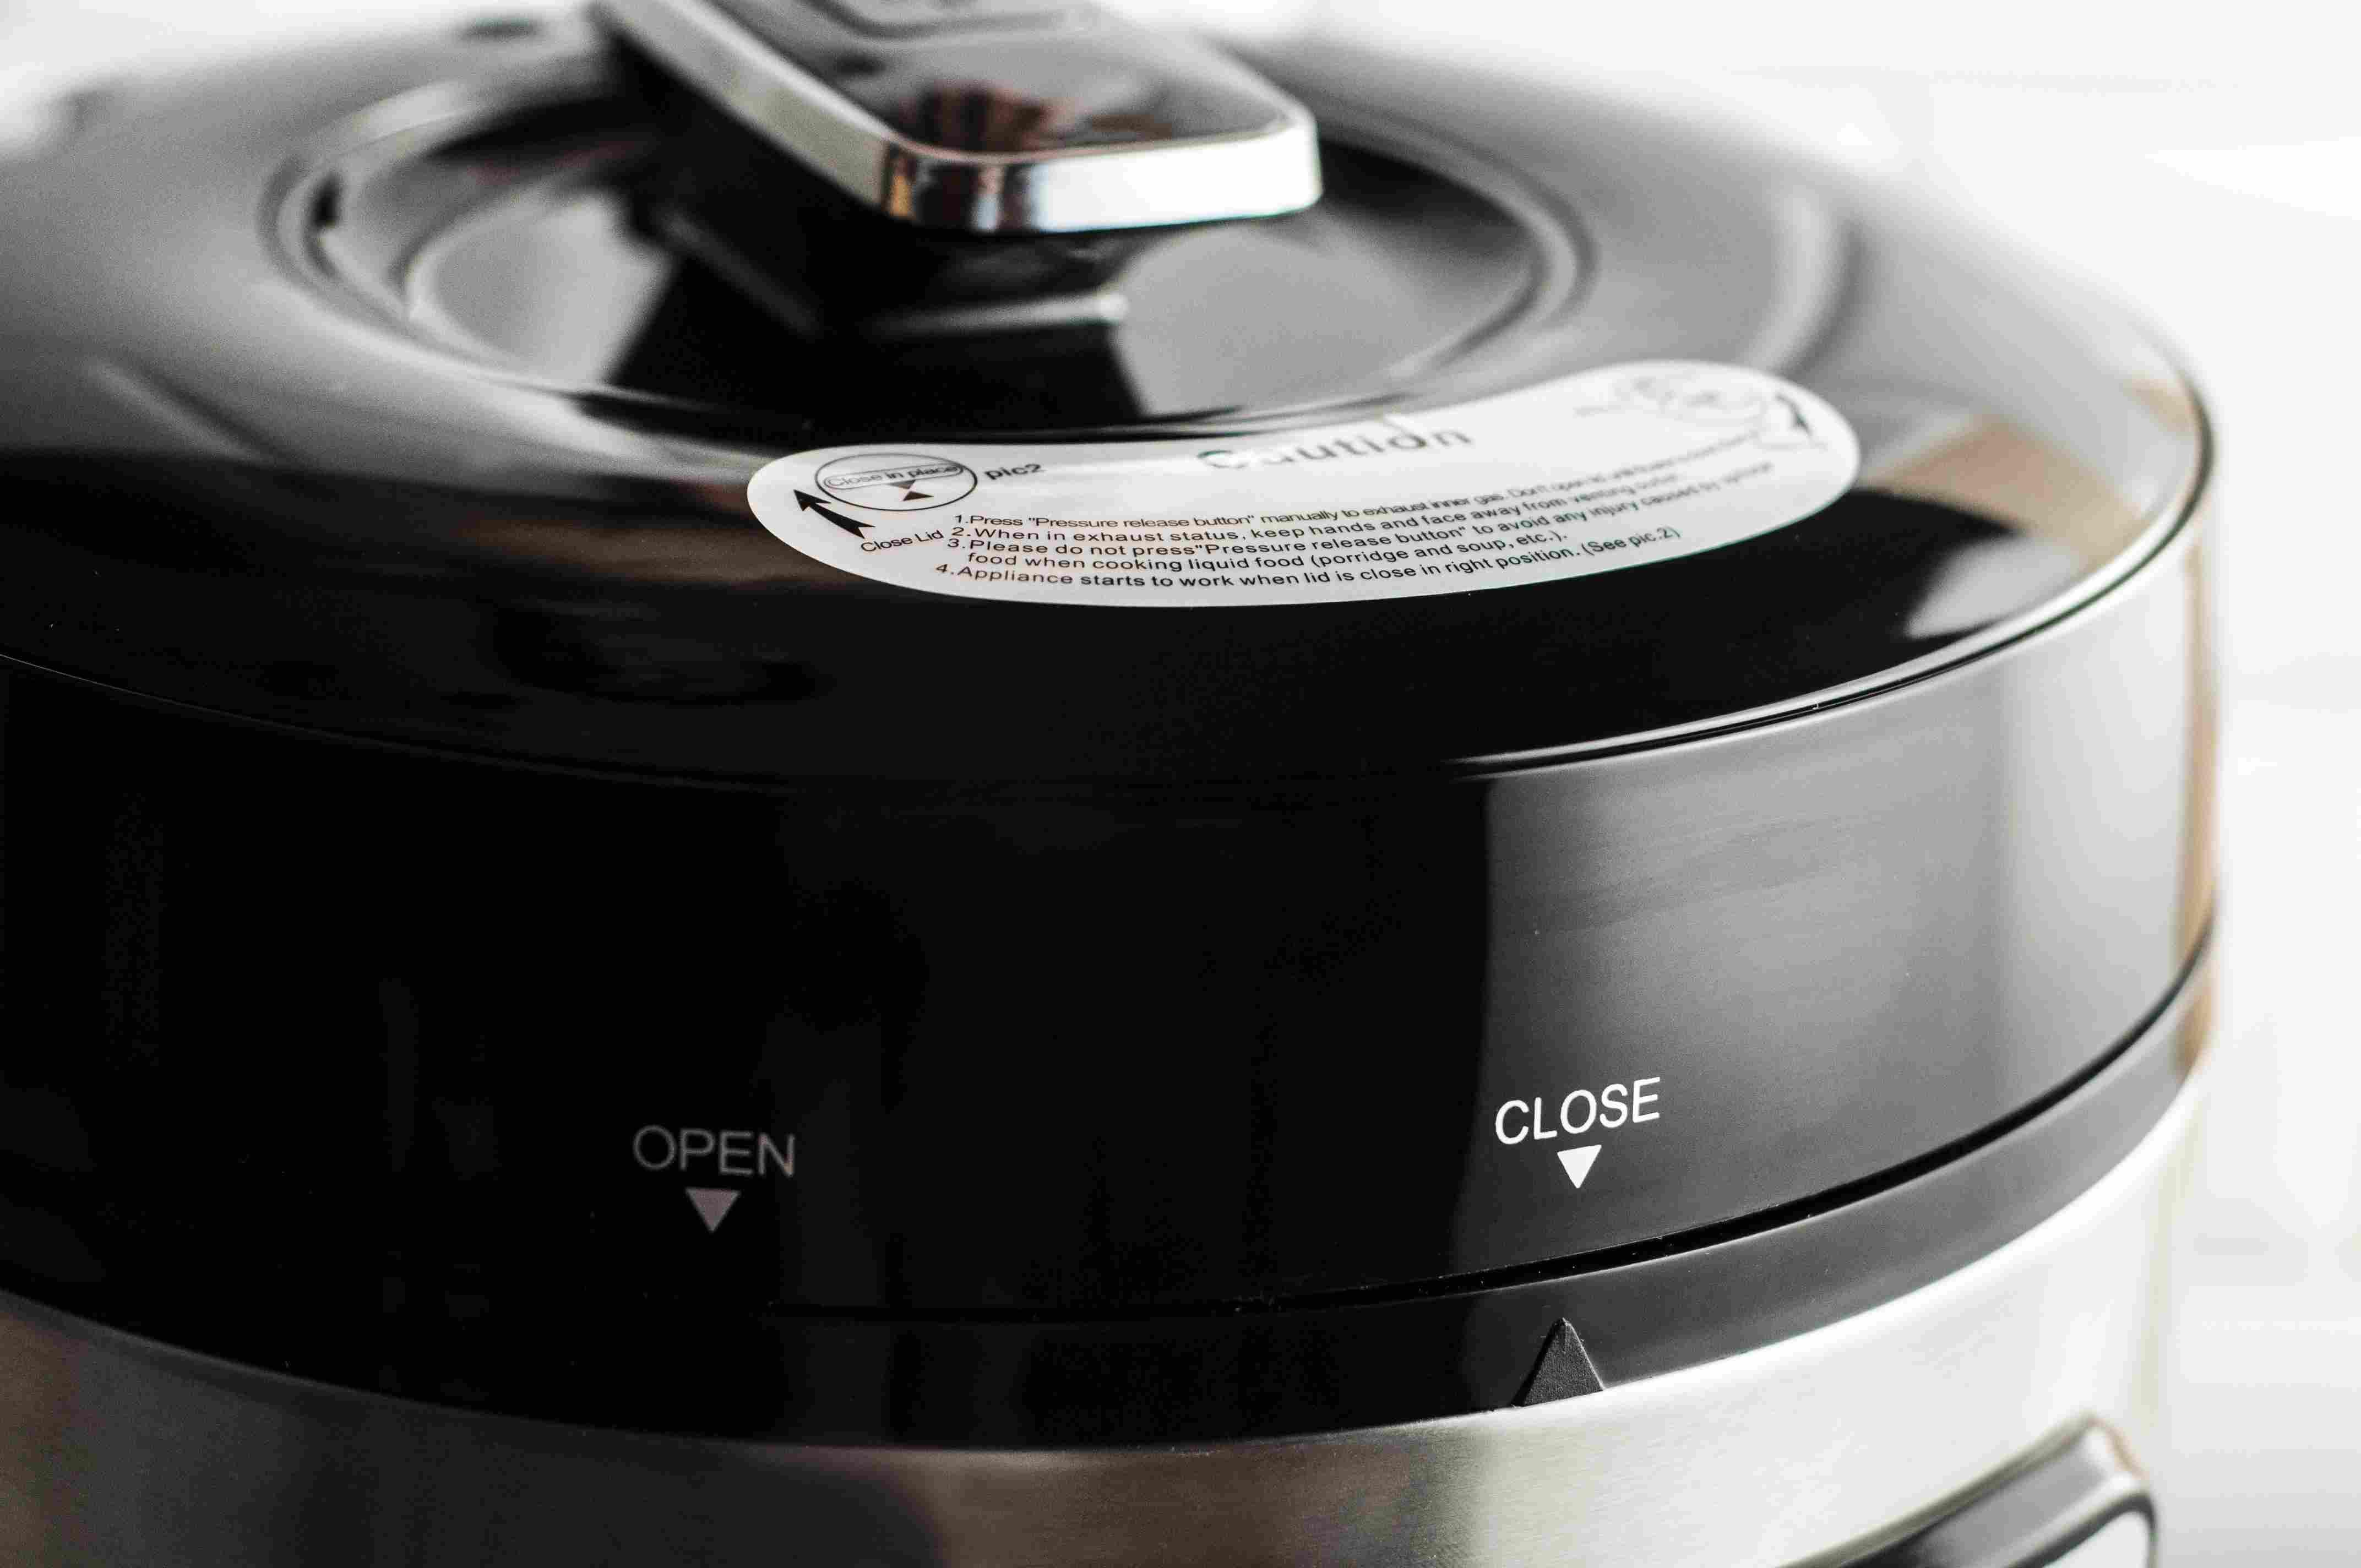 Pressure cooker lid locked